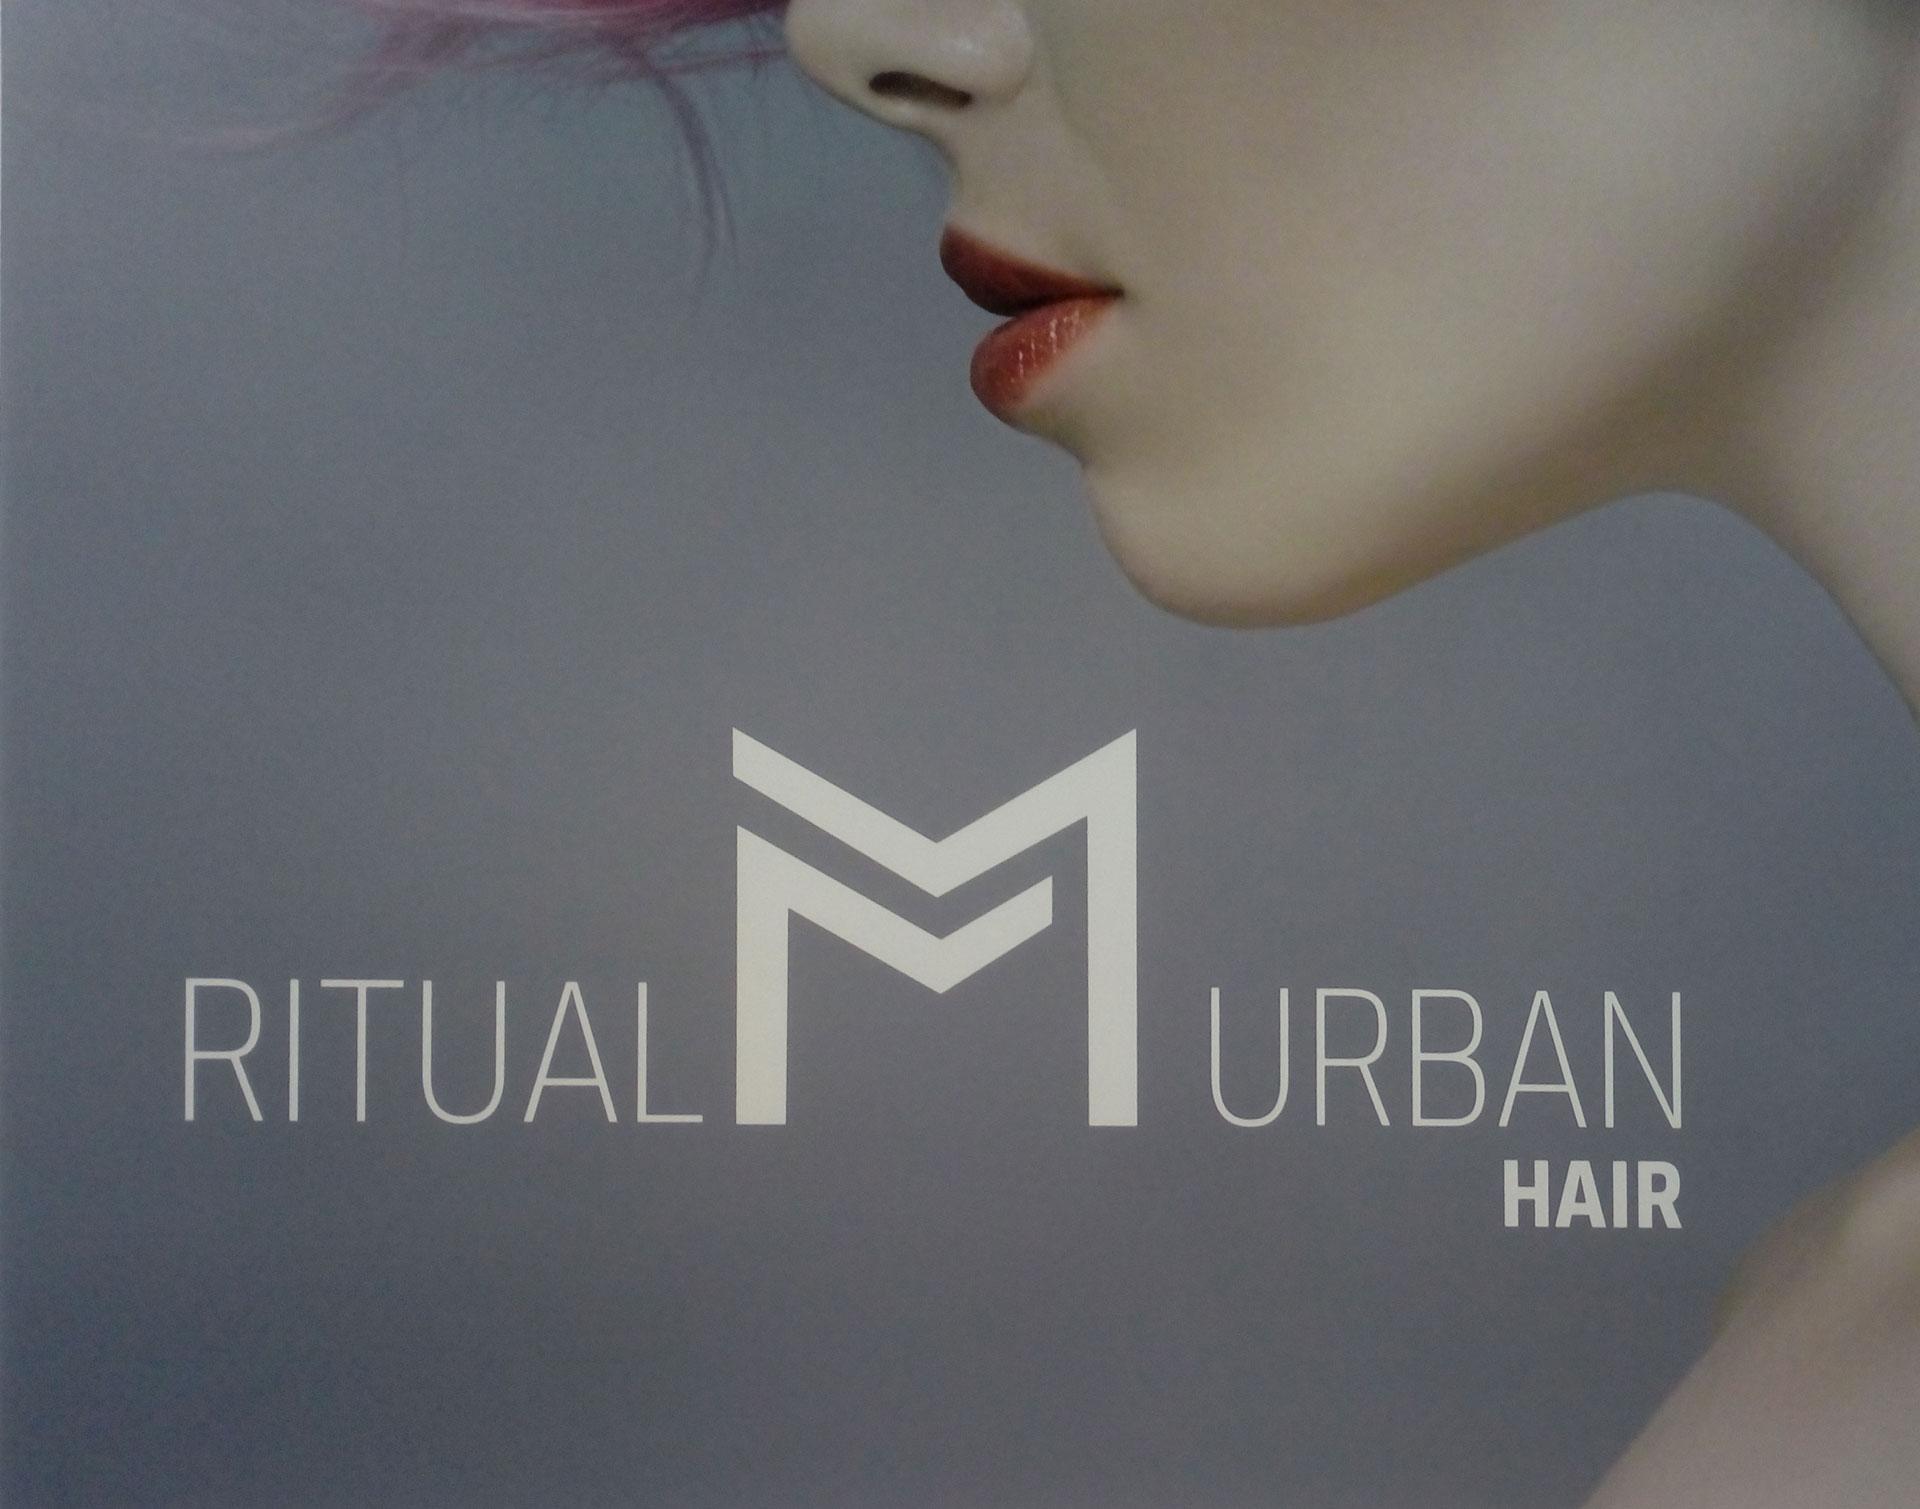 ritual urban hair